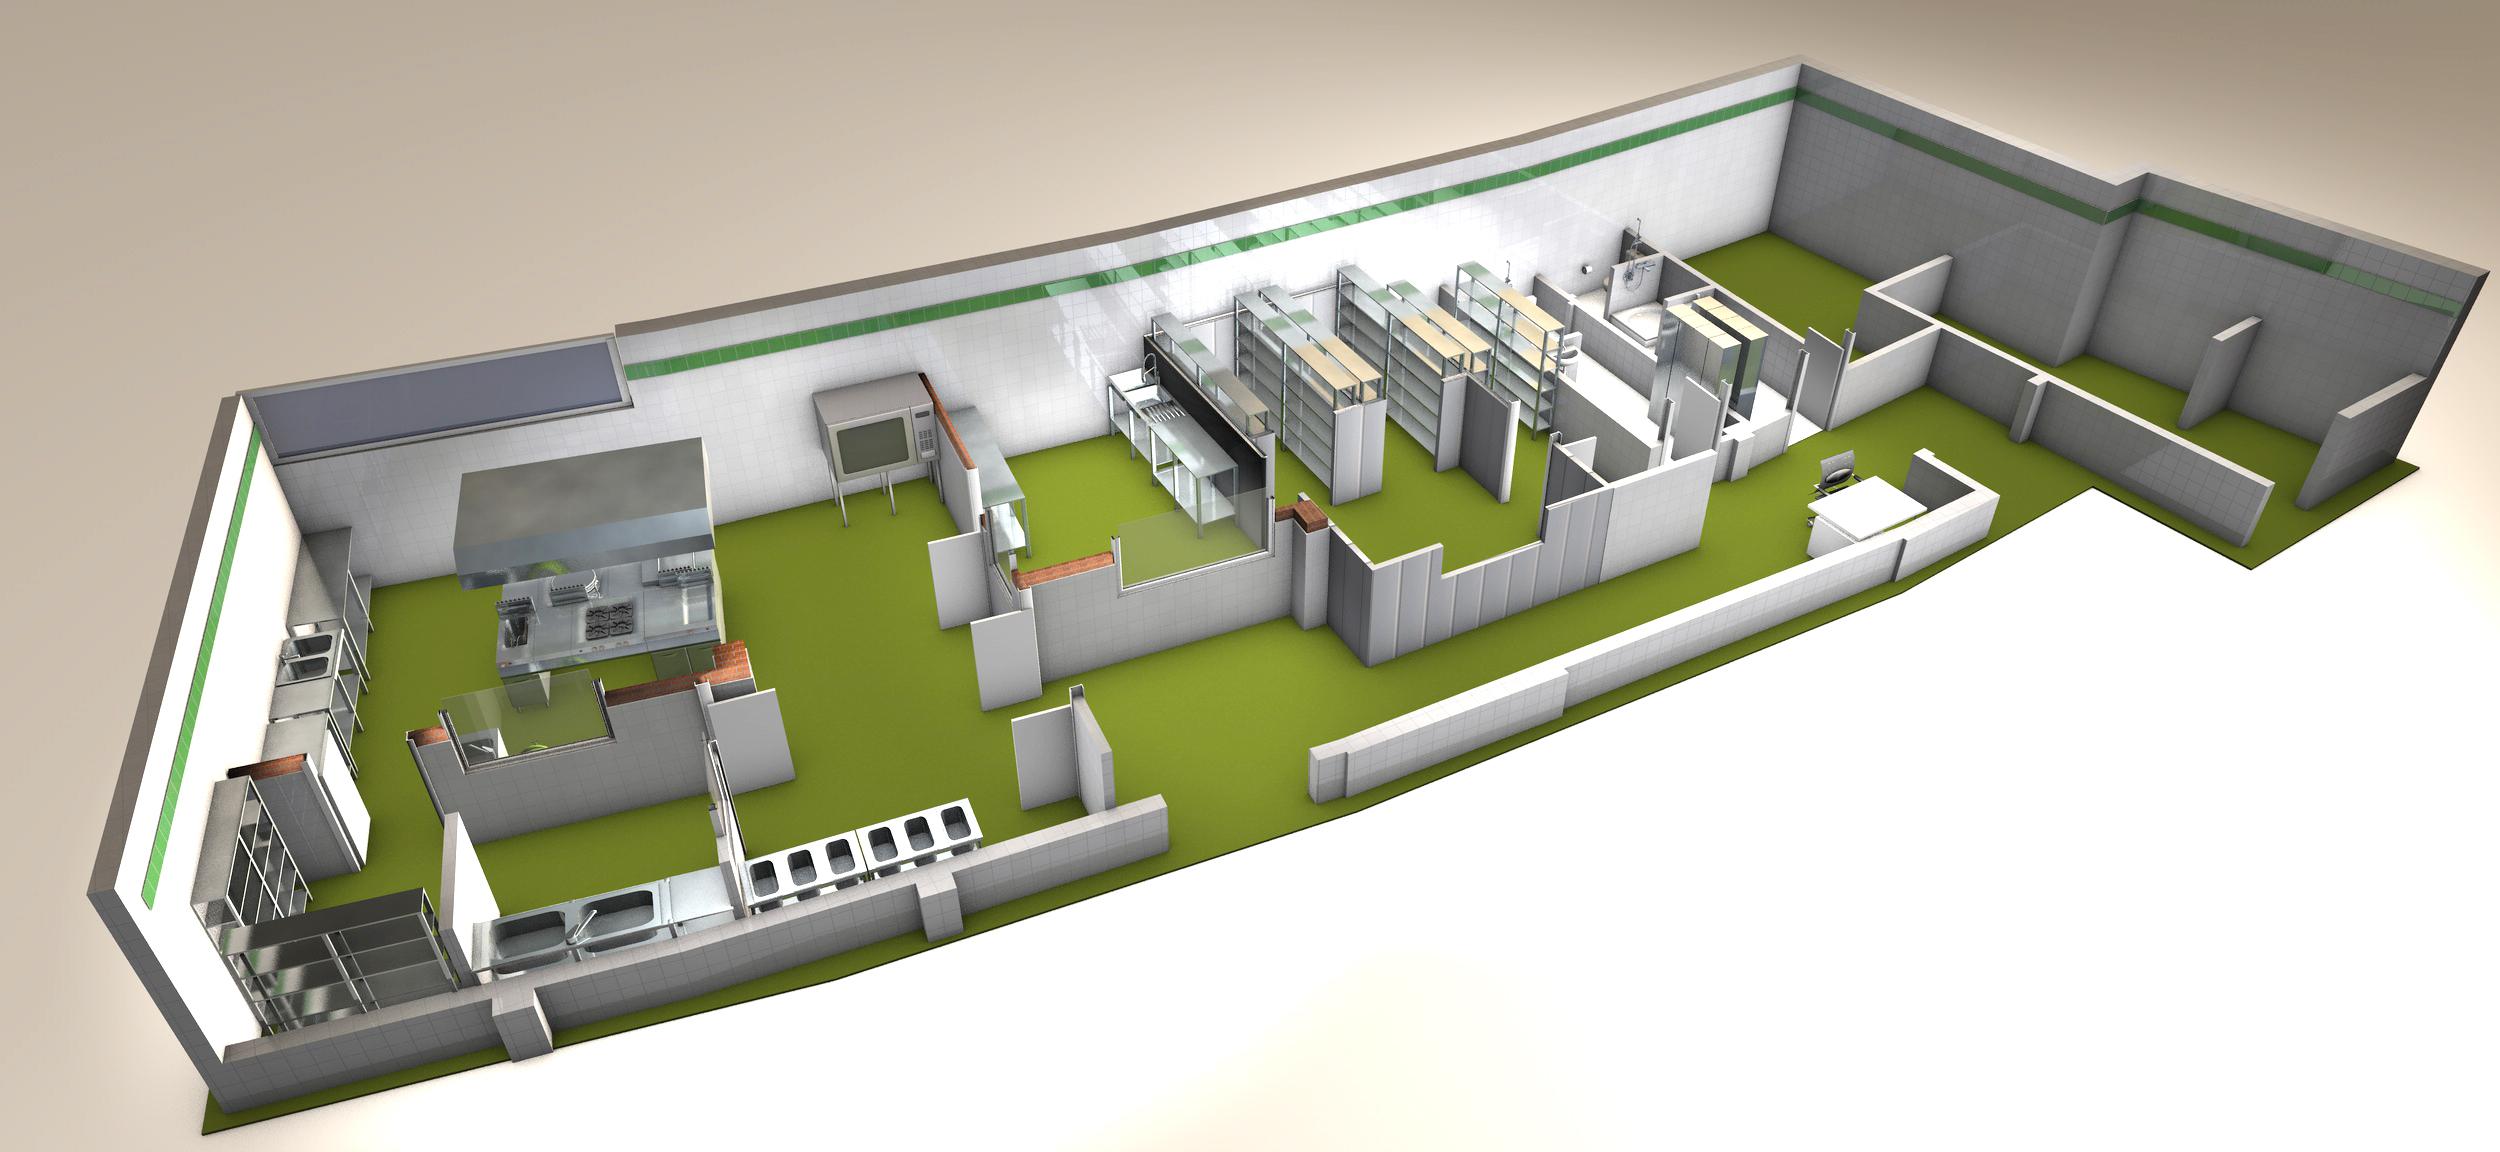 Cocinas industriales bedia arquitecto en valencia - Colegio delineantes valencia ...